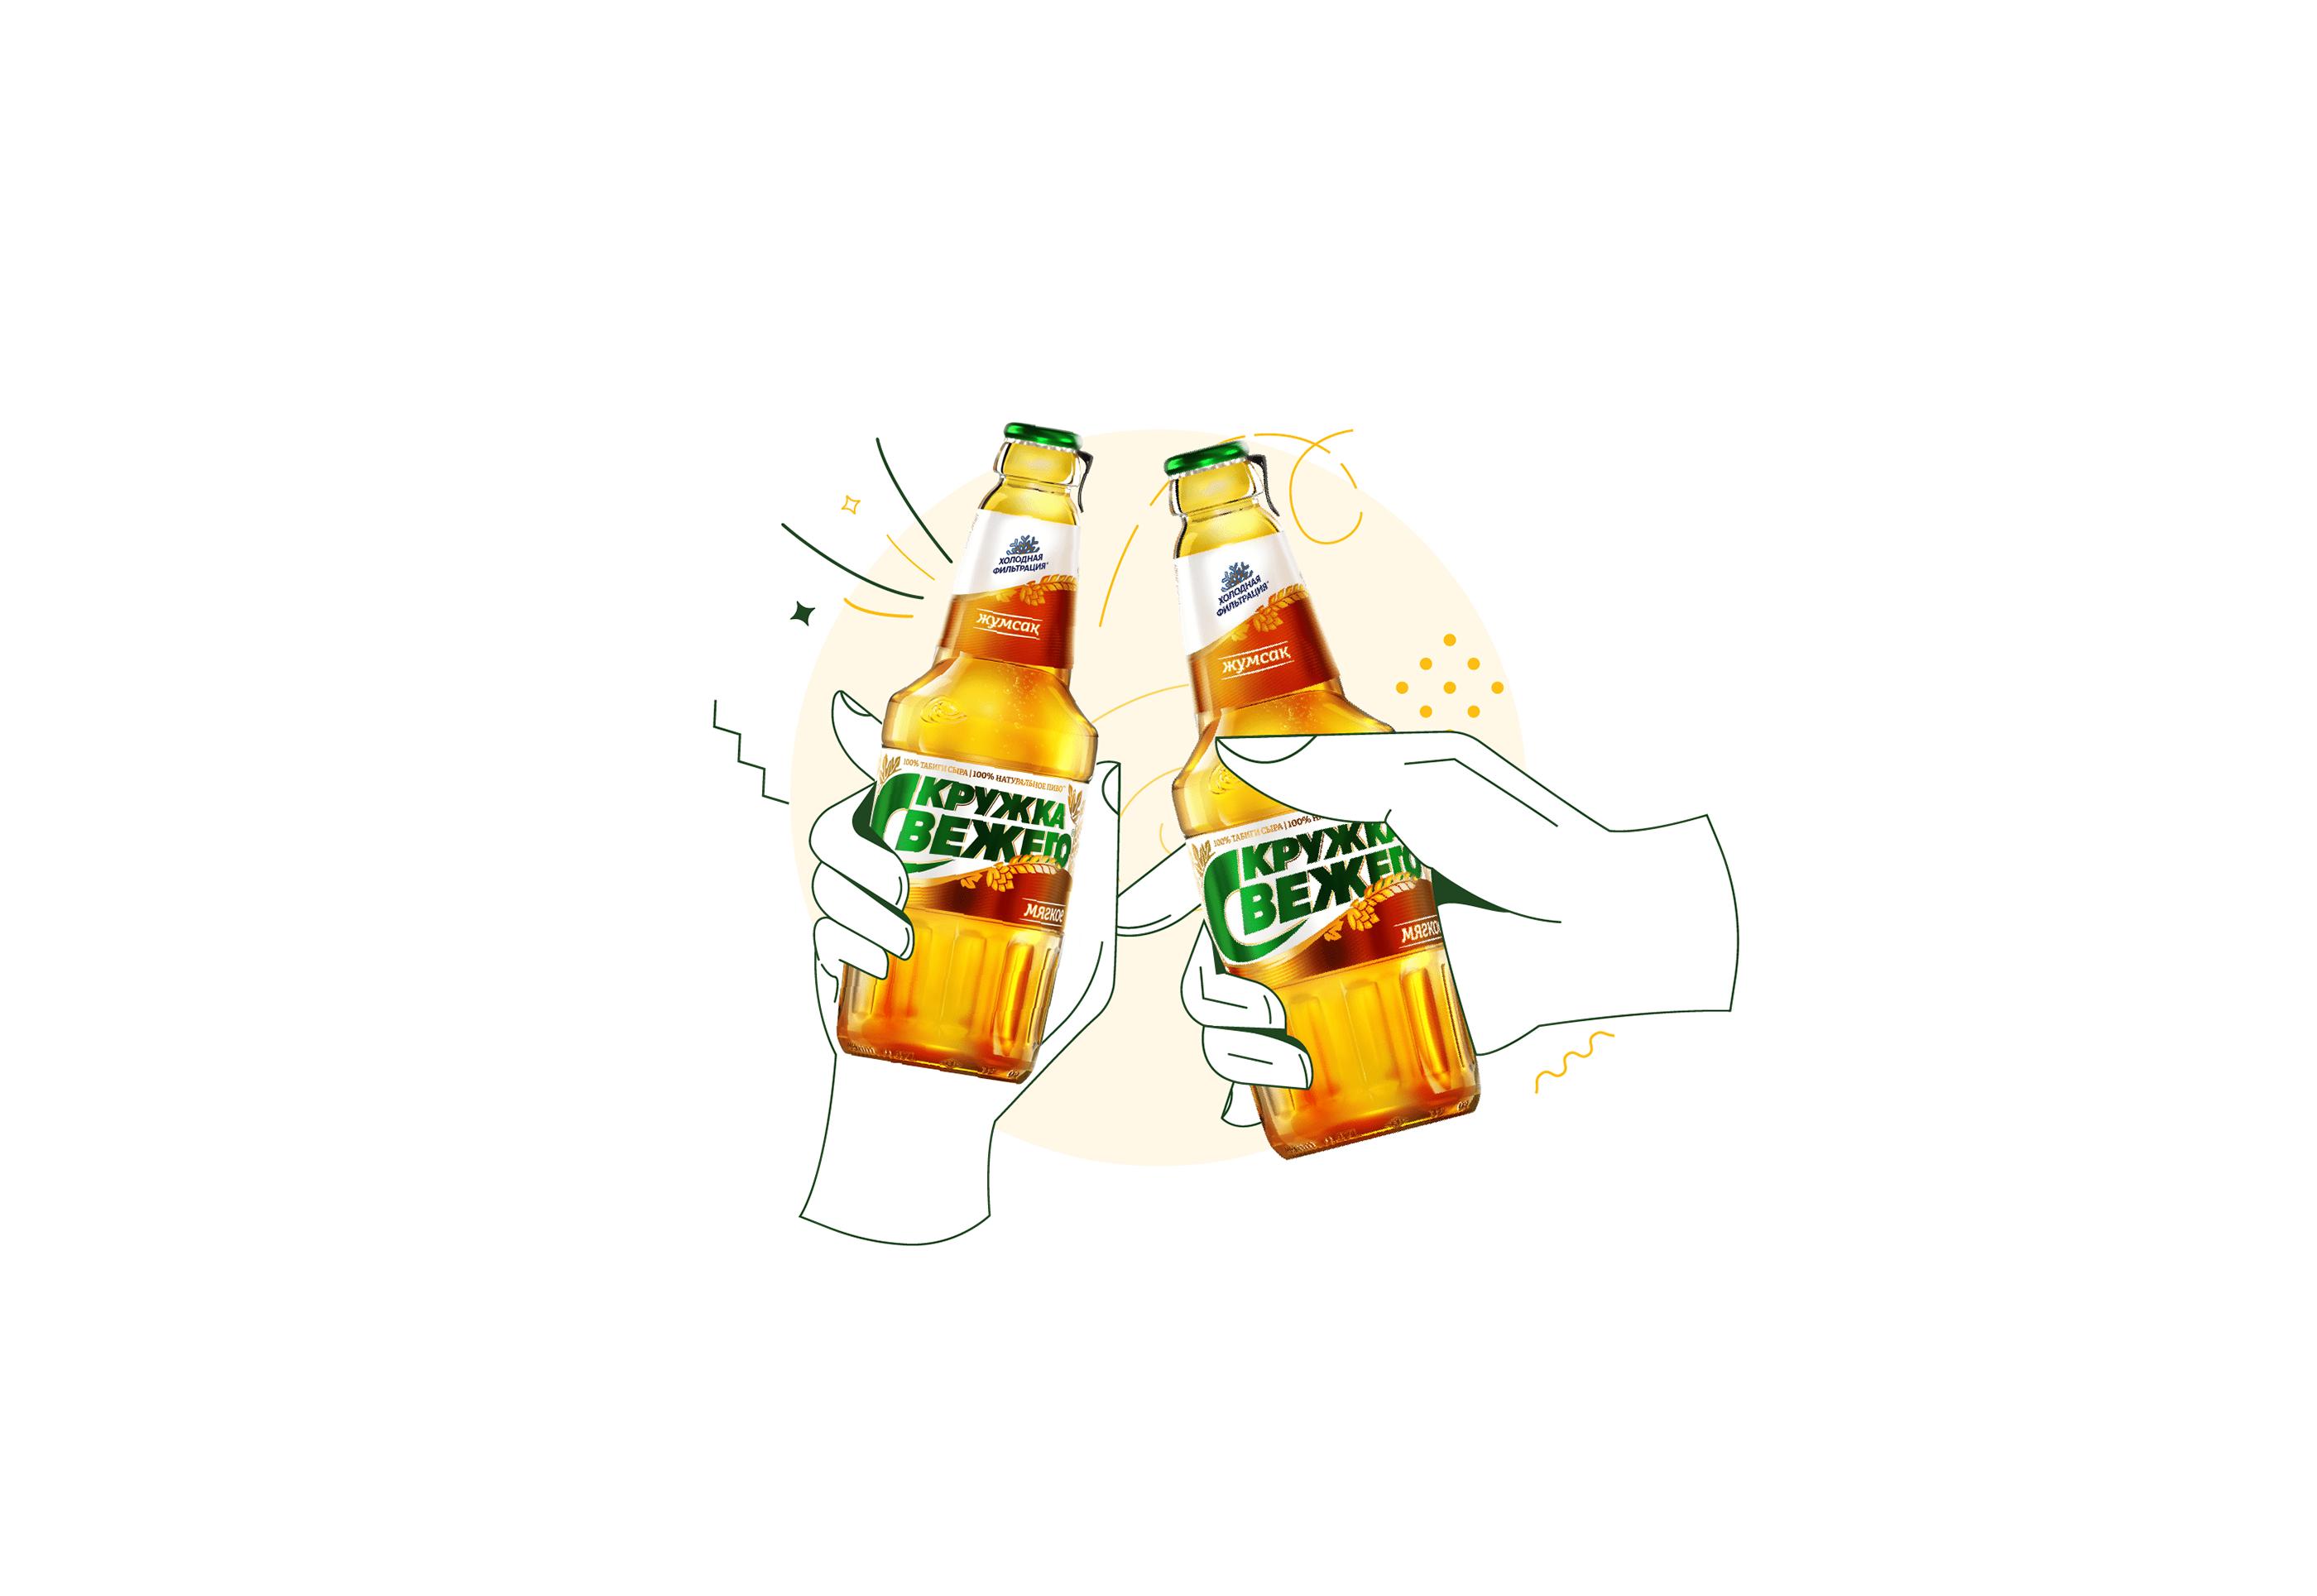 kruzhka-svezhego-beer-Gokten-Tut-2